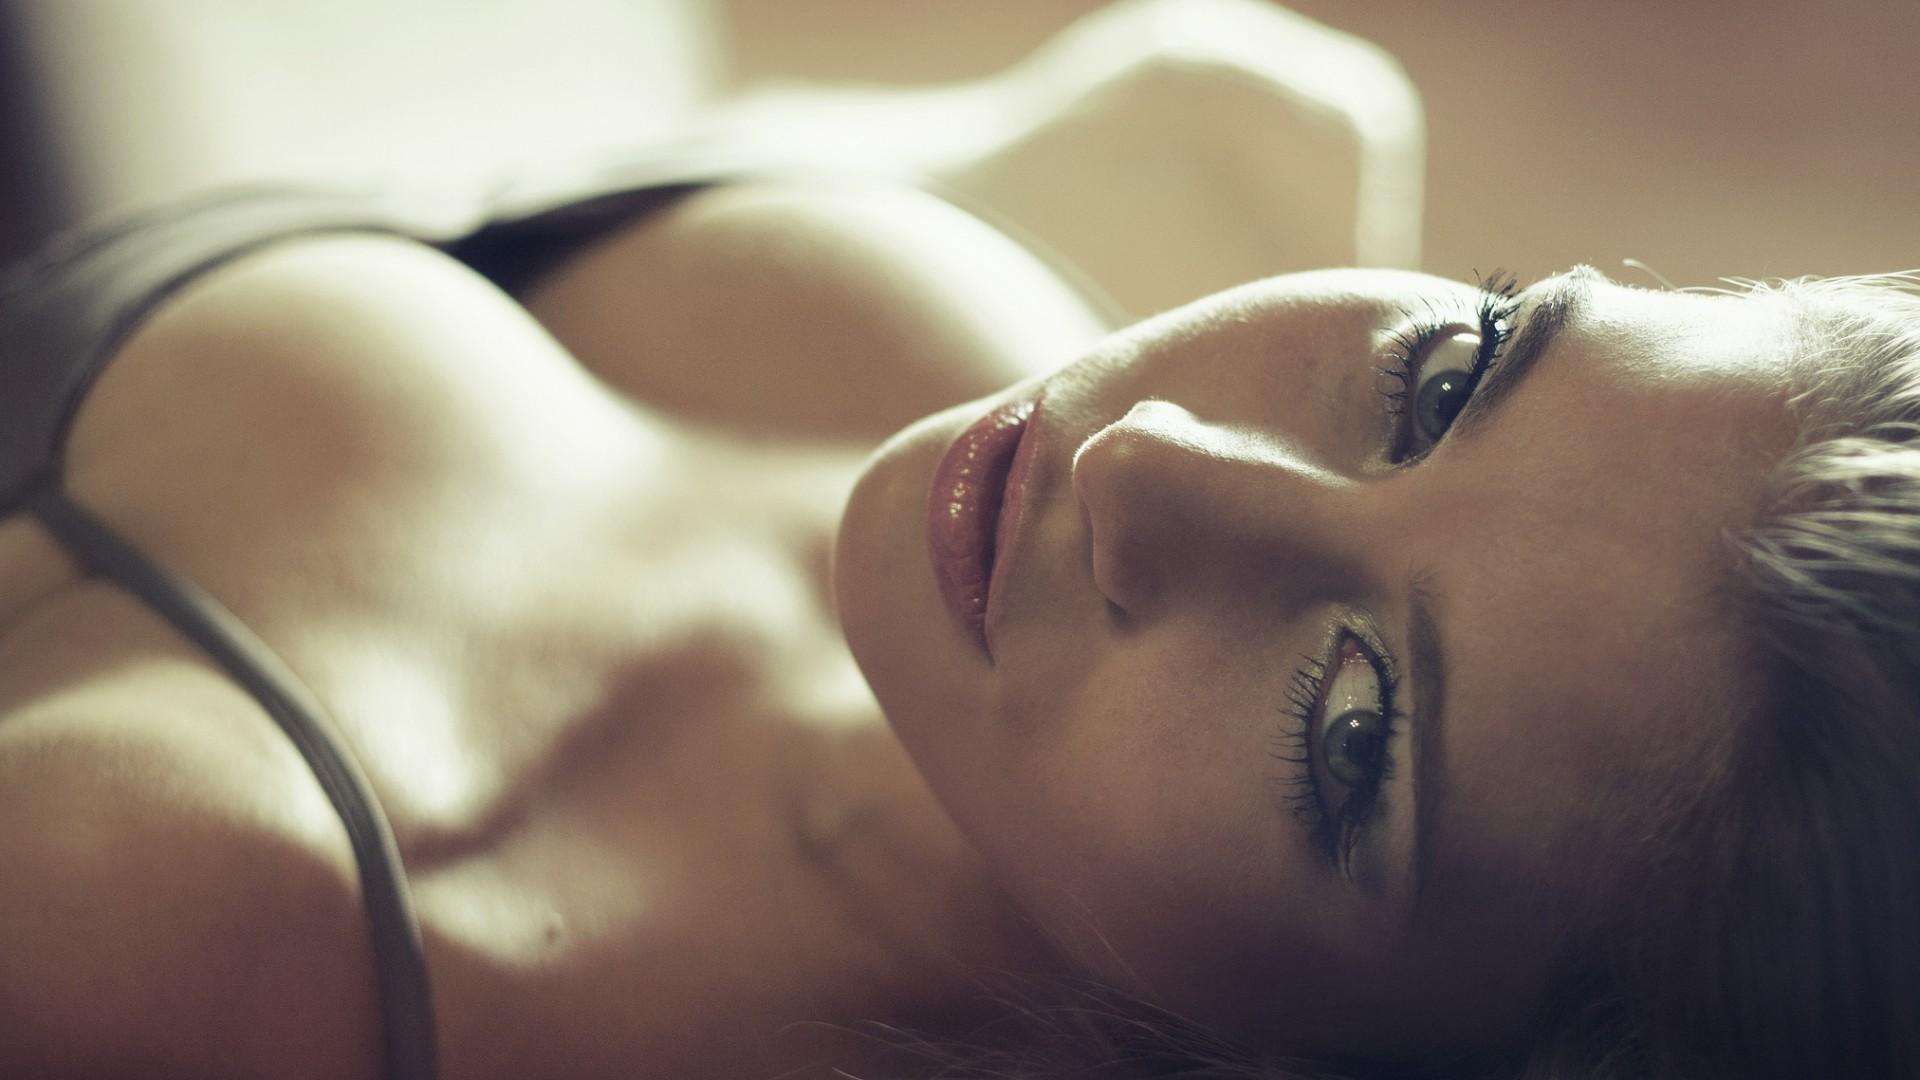 красивые аргентинские девушки голые крупным планом угол